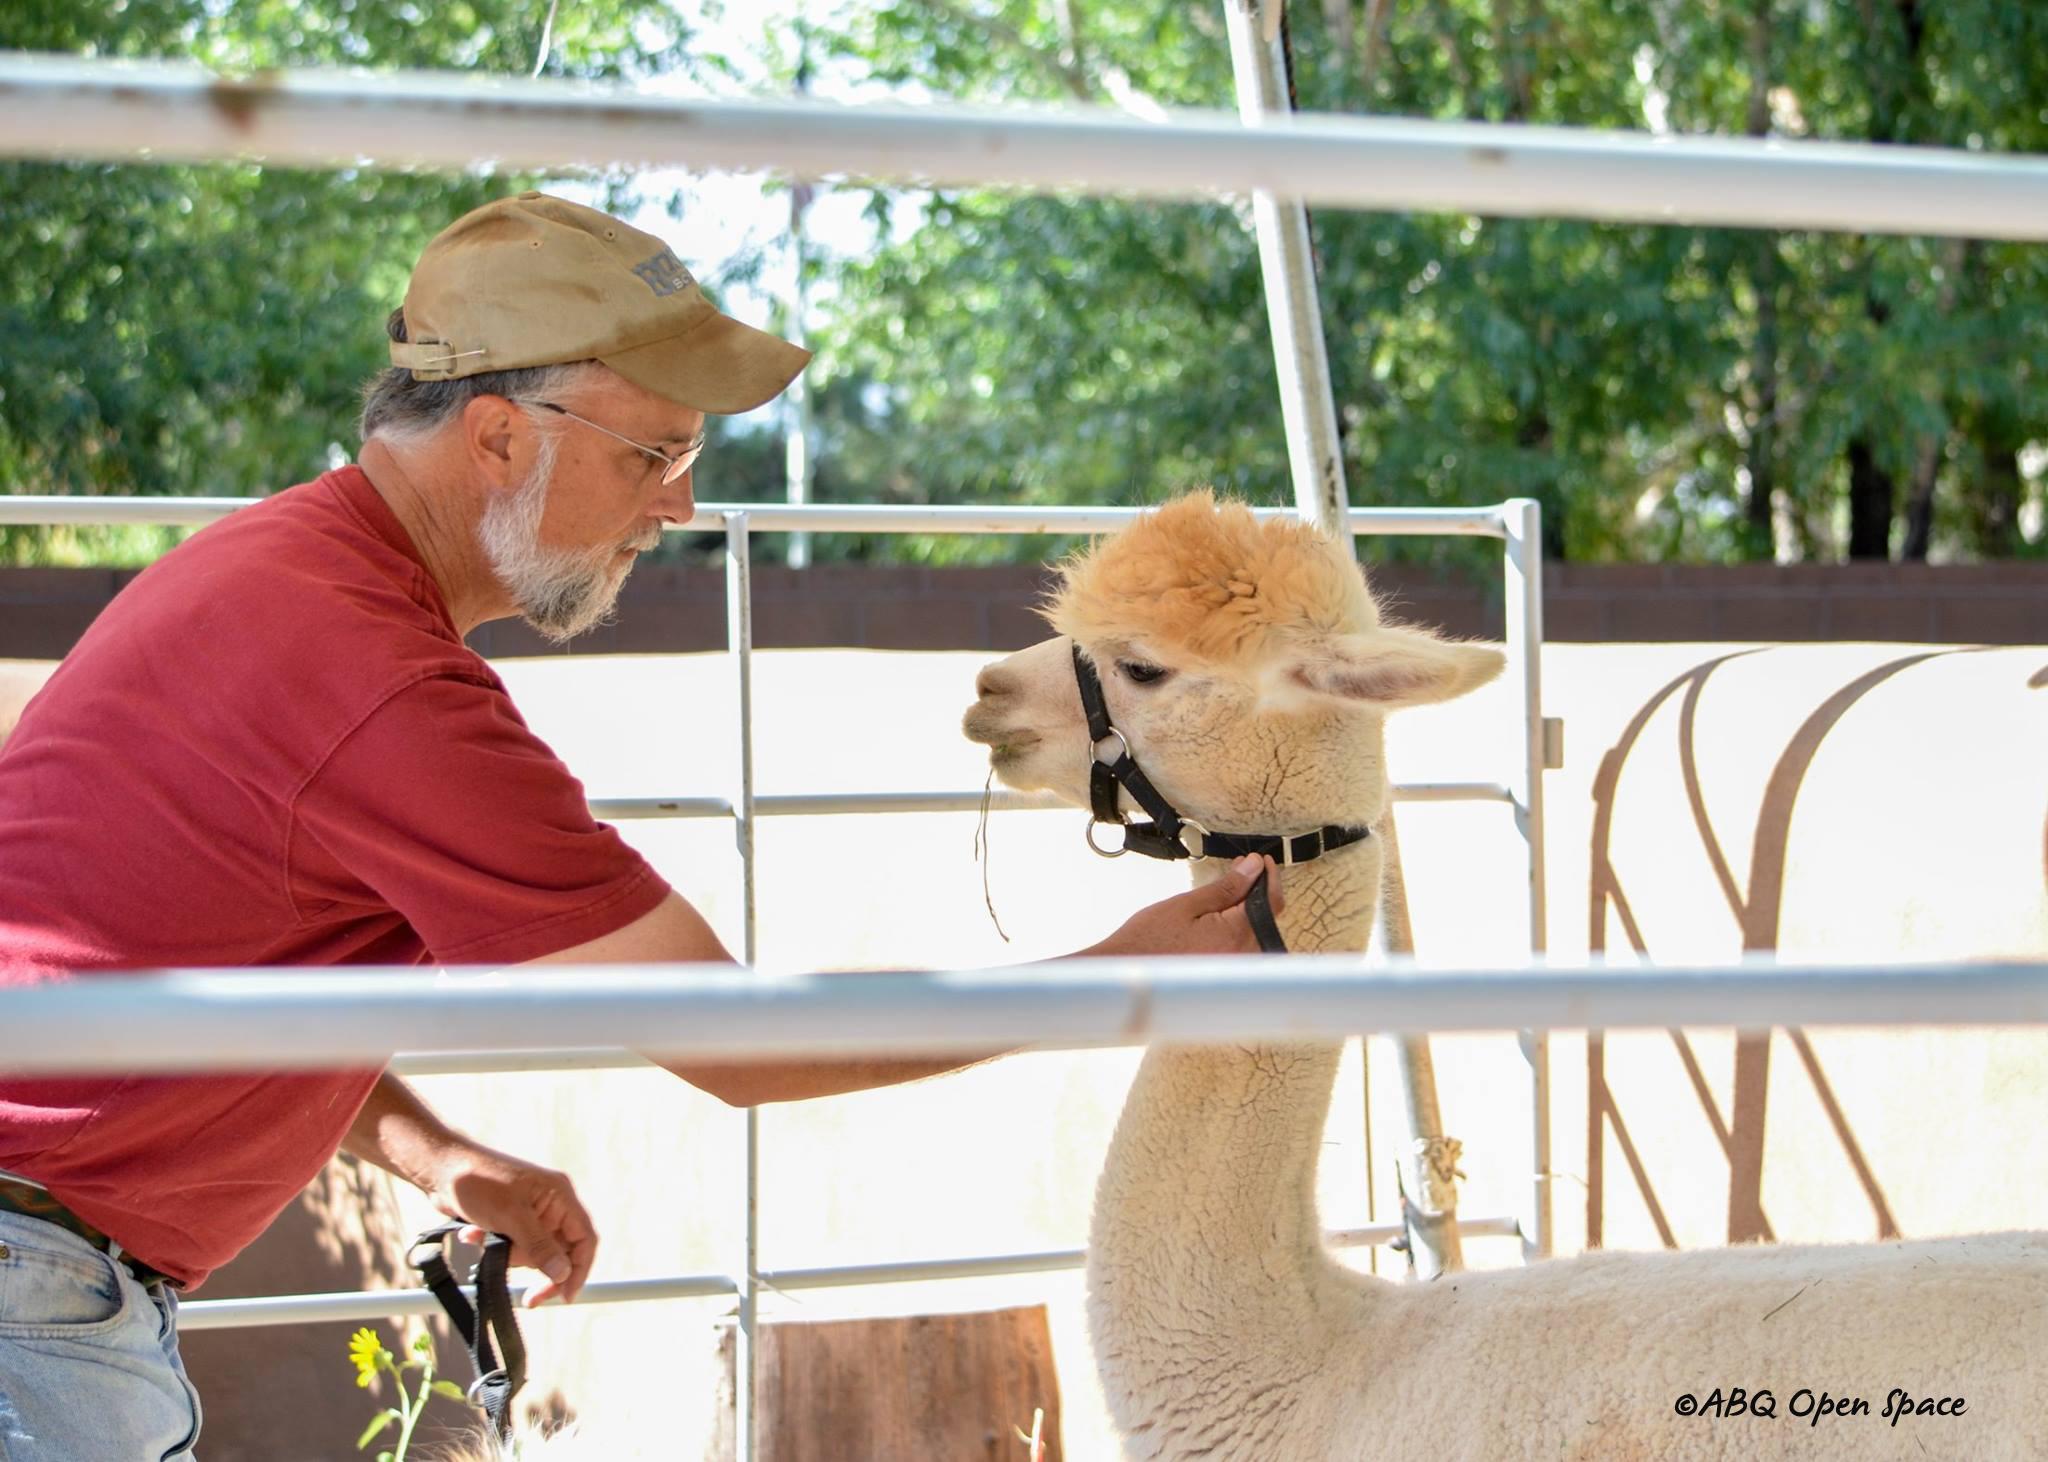 Alpaca at the Albuquerque Open Space